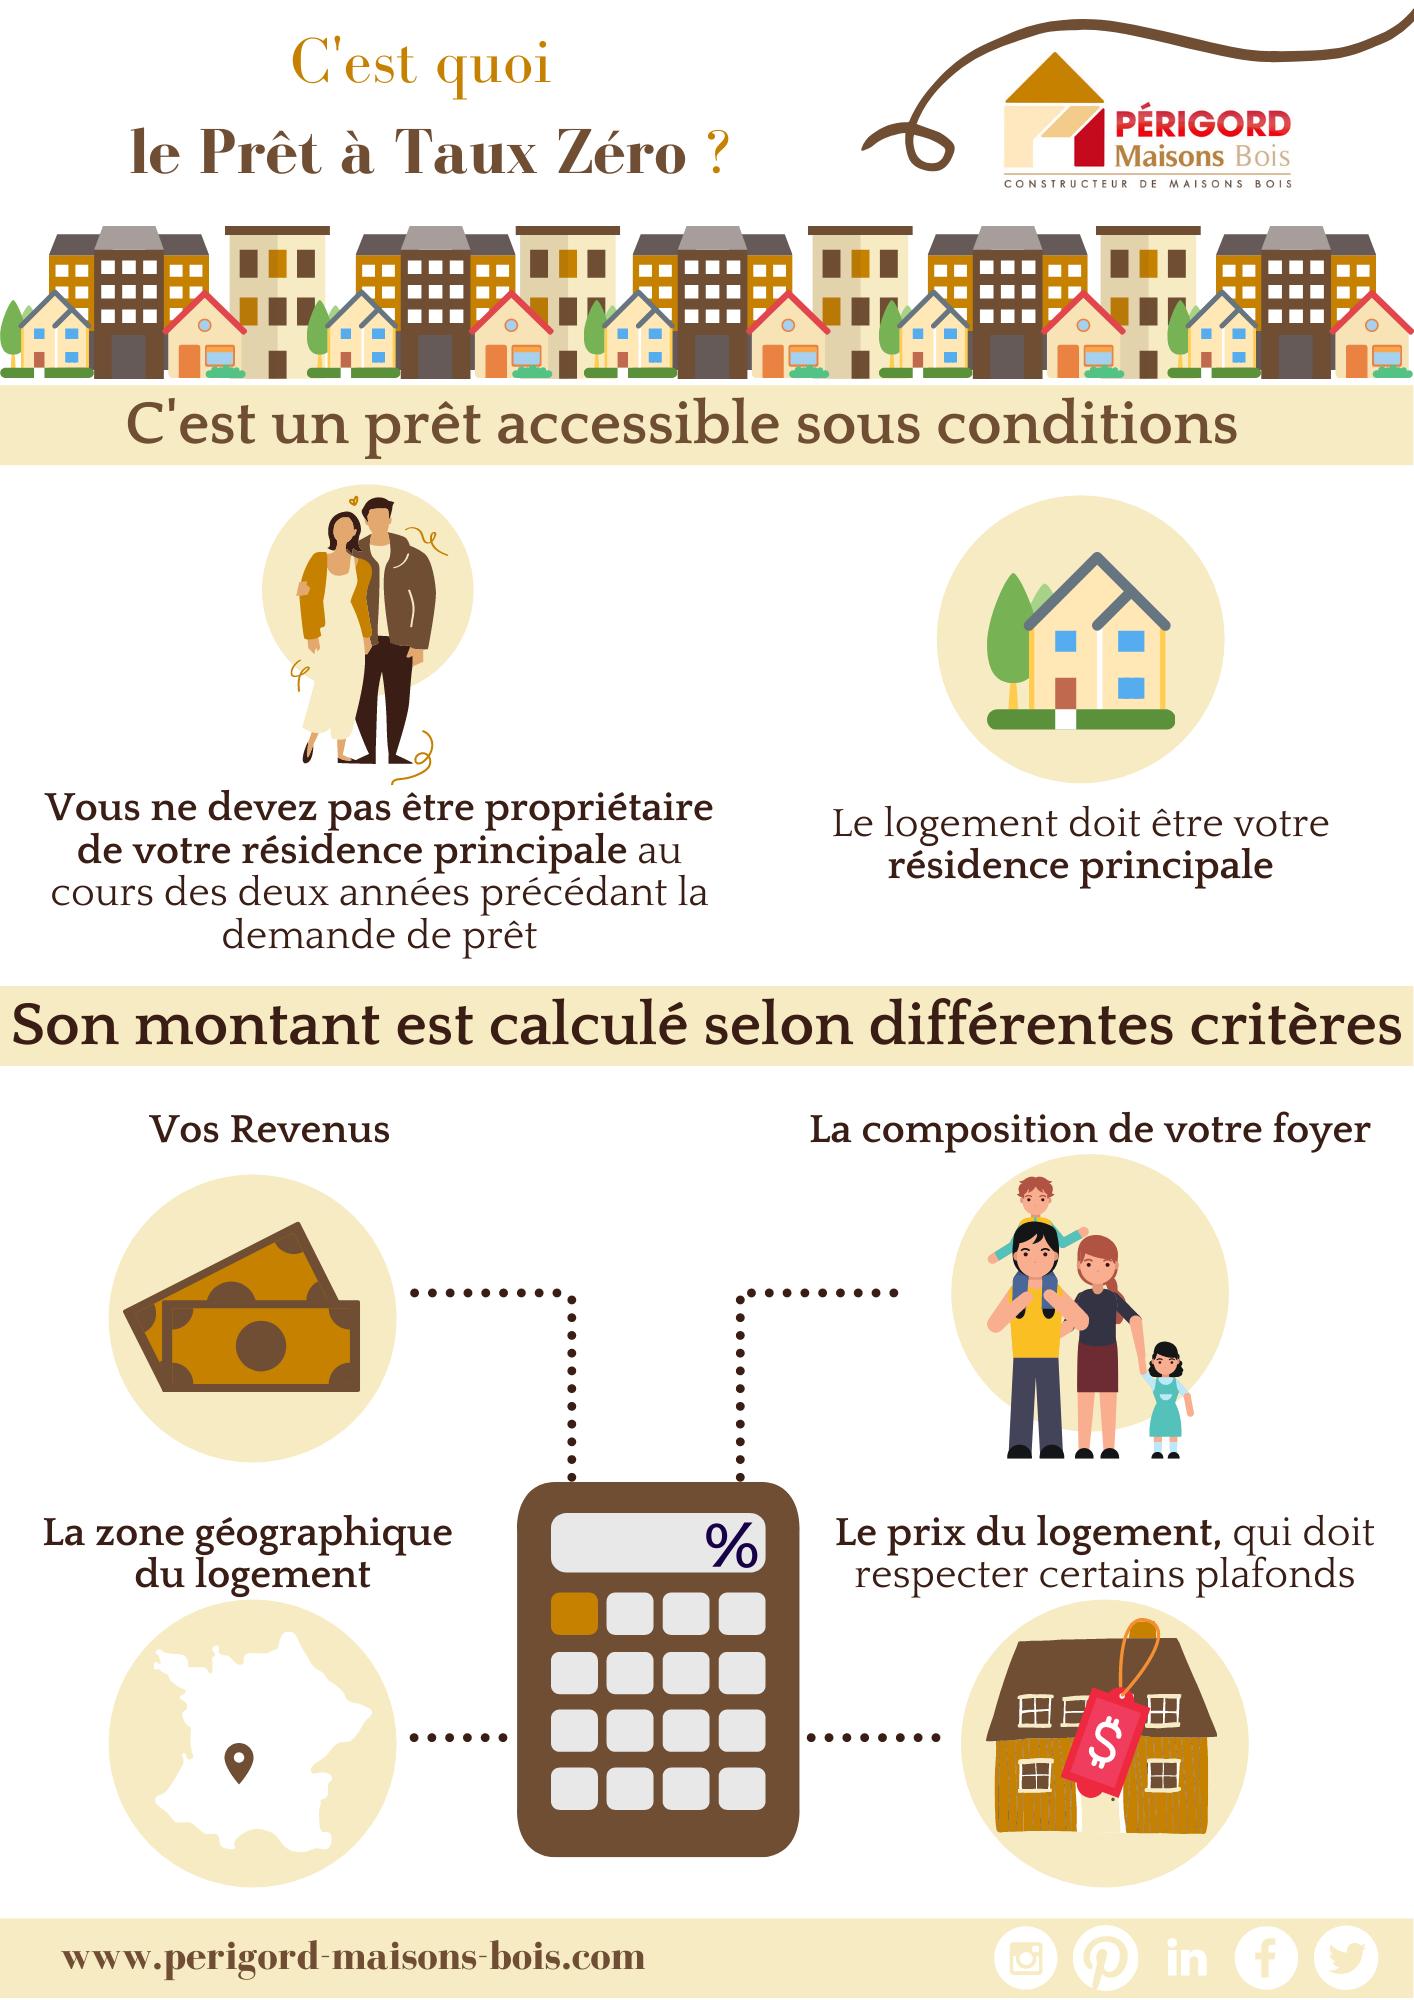 prêt-à-taux-zéro-constructeur-de-maisons-individuelles-périgord-maisons-bois-prêt-2021-2022-